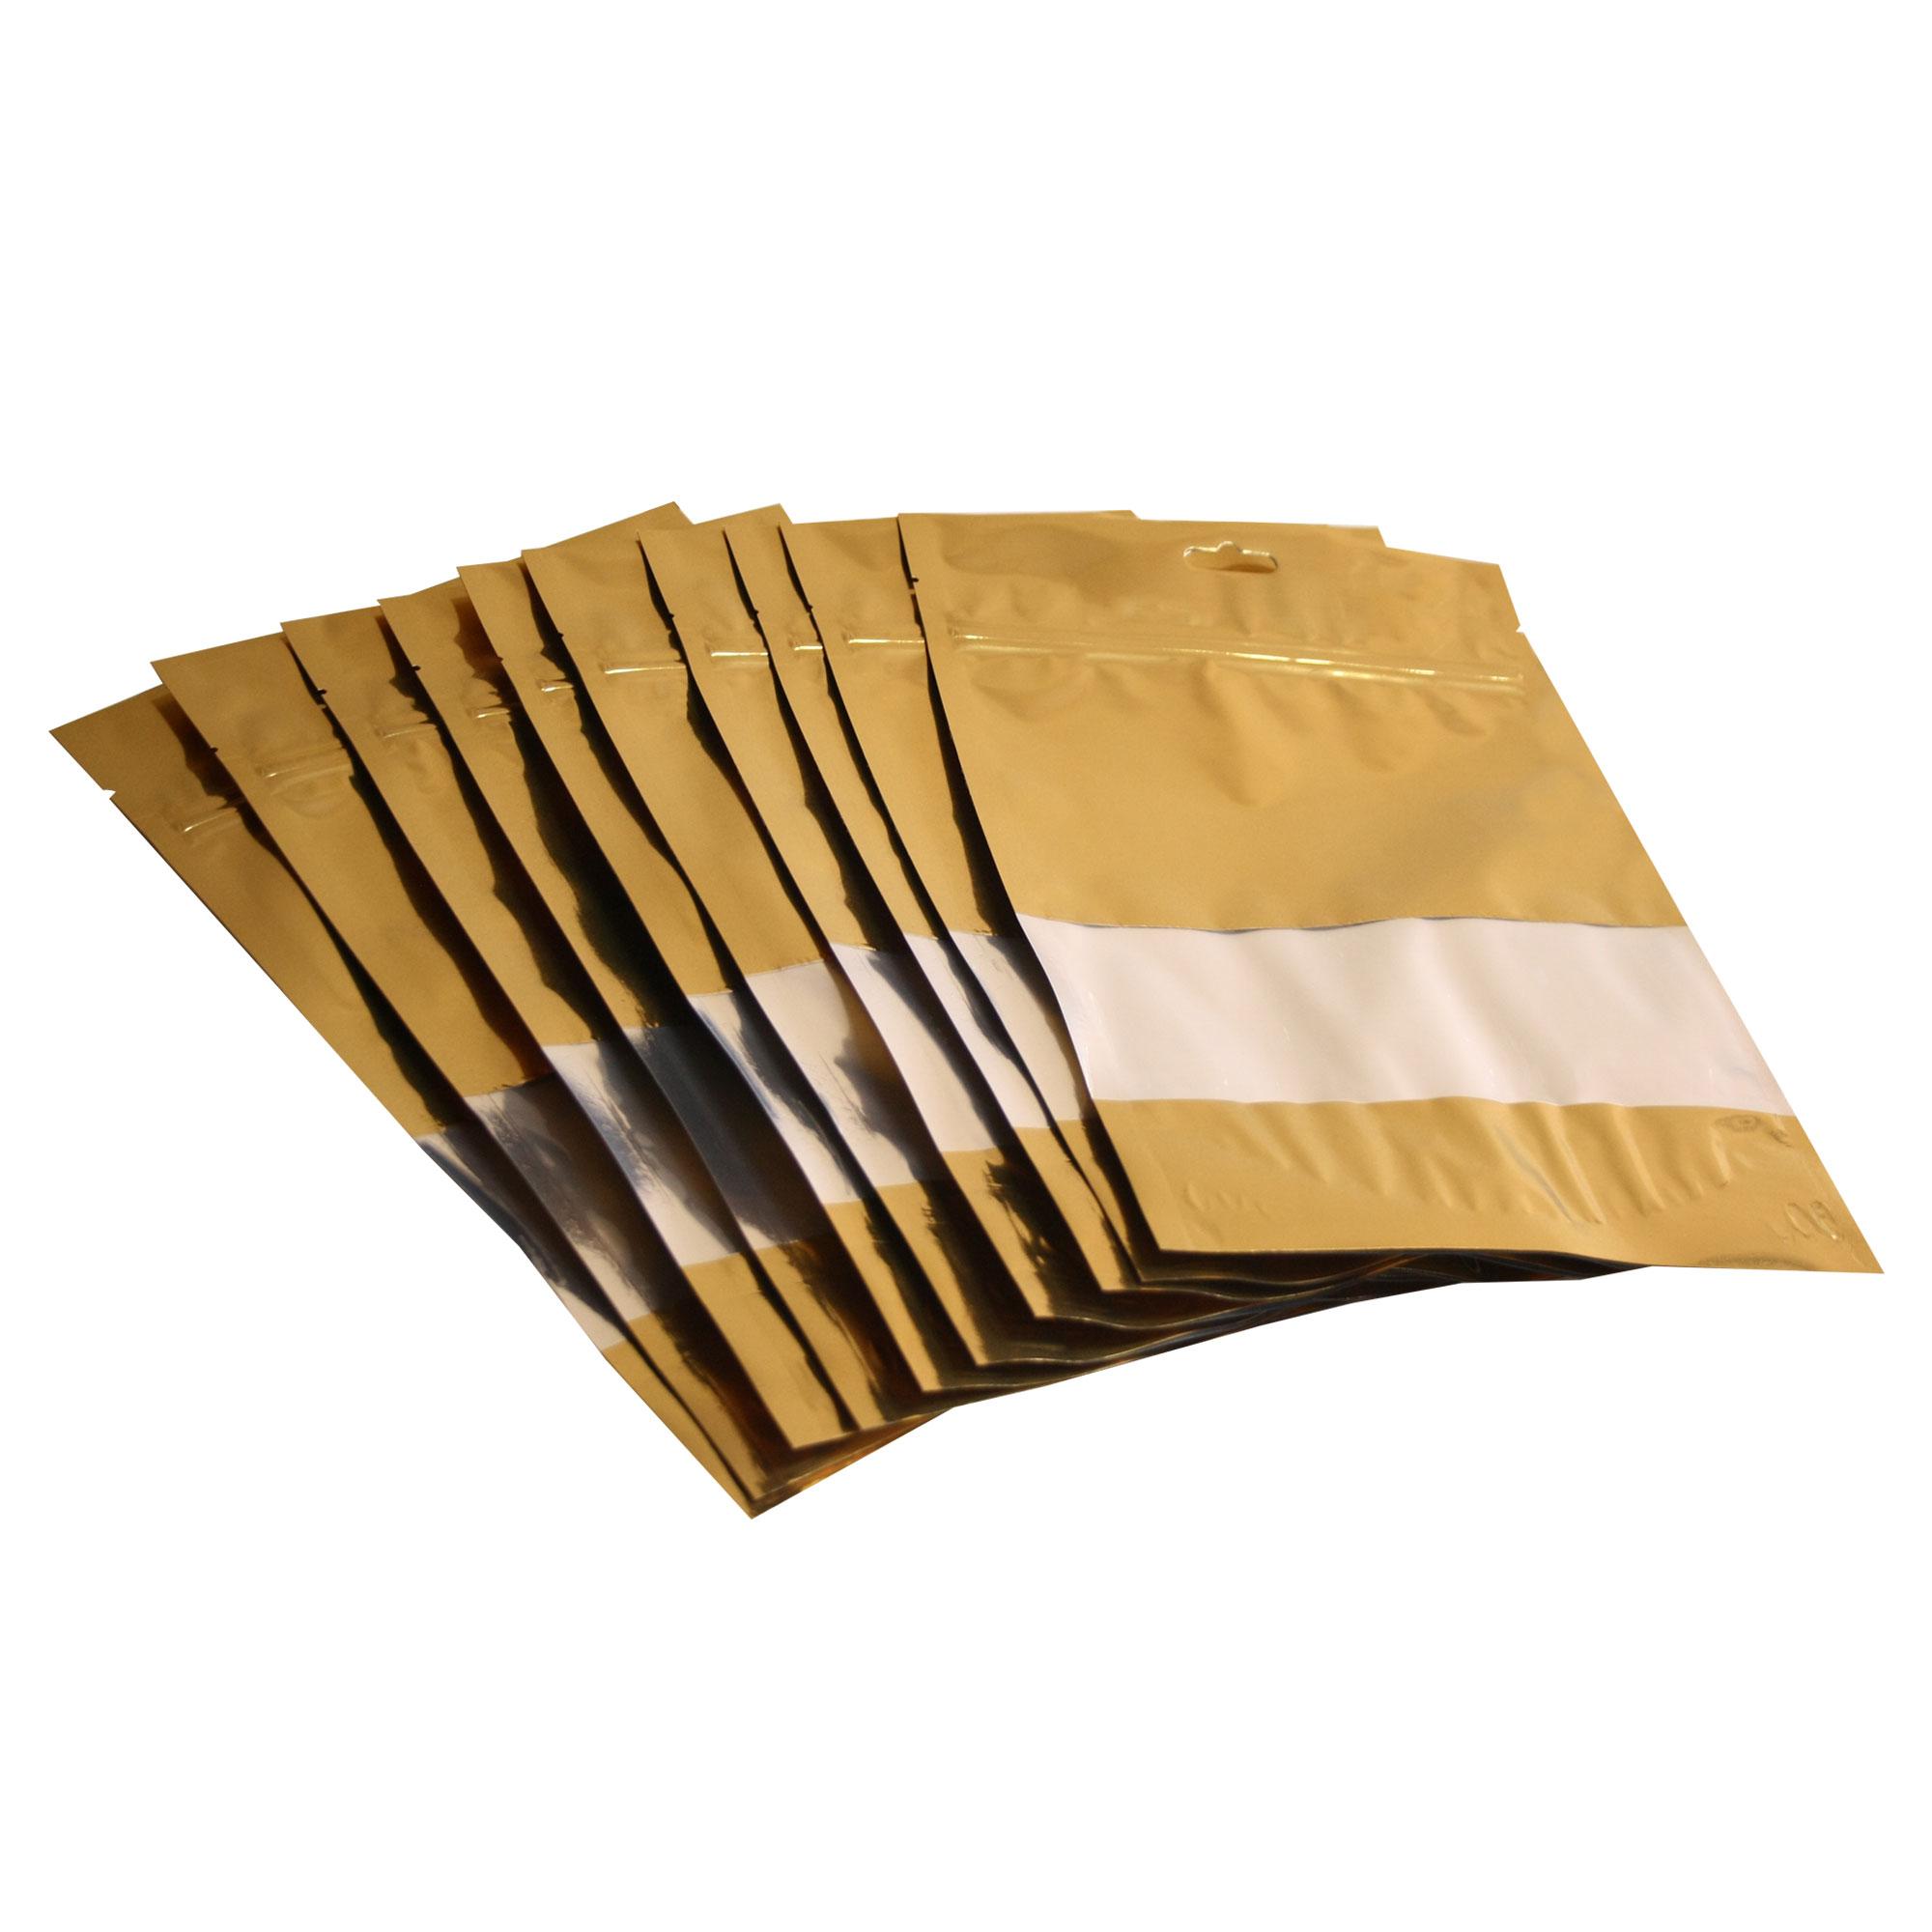 پاکت زیپ دار پکزی مدل  PSMMGOW200290122TR بسته 10 عددی